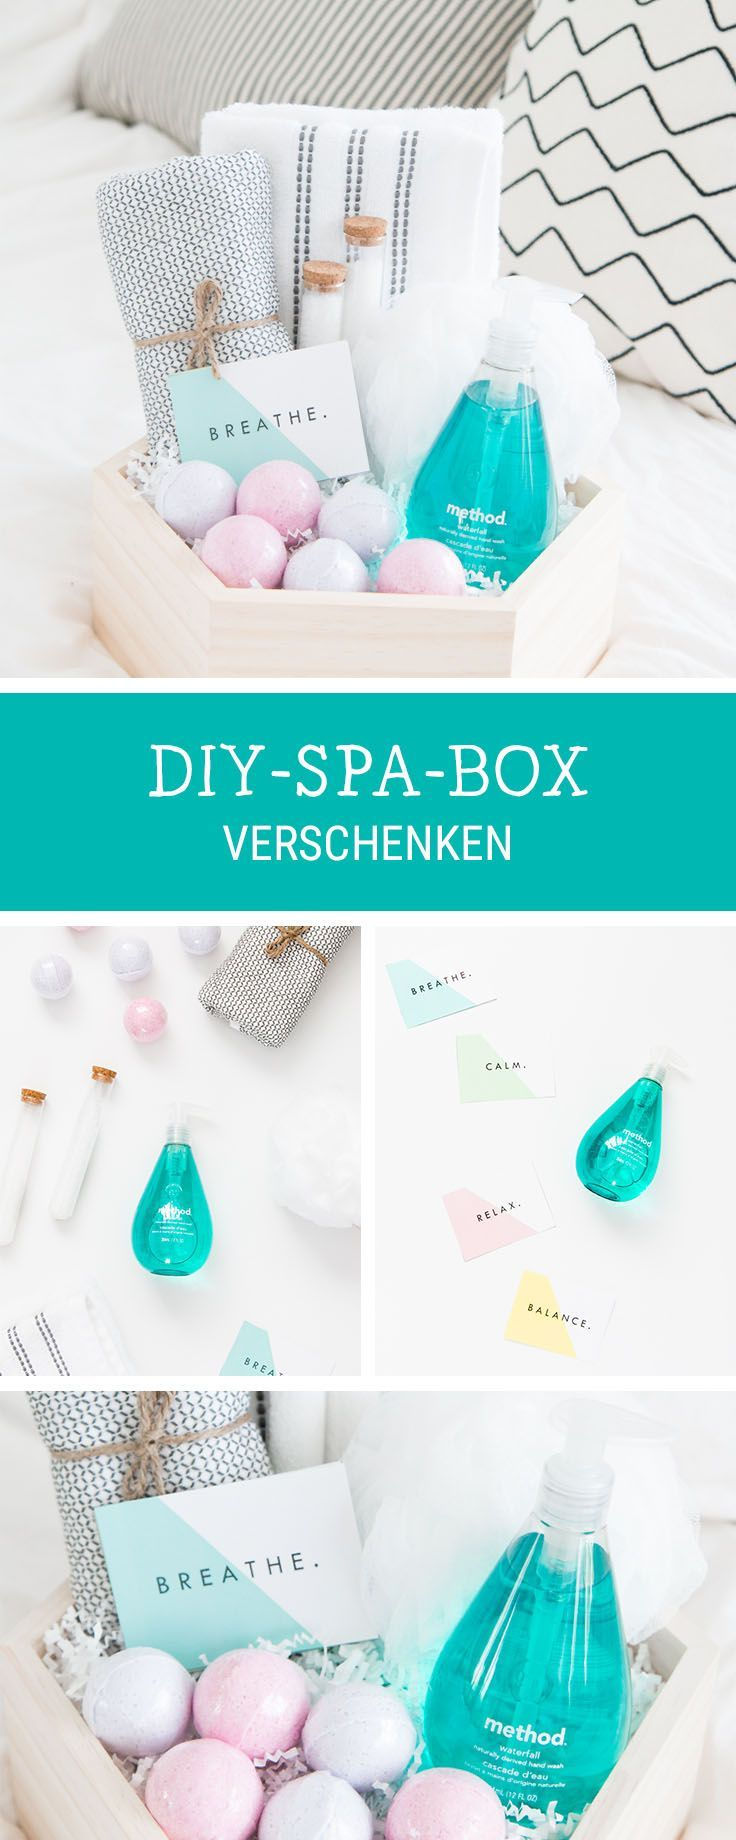 DIY-Inspiration für selbstgemachte Geschenke: Geschenkbox für einen Spa-Tag selbermachen / wooden gift box for a relaxing spa day via DaWanda.com